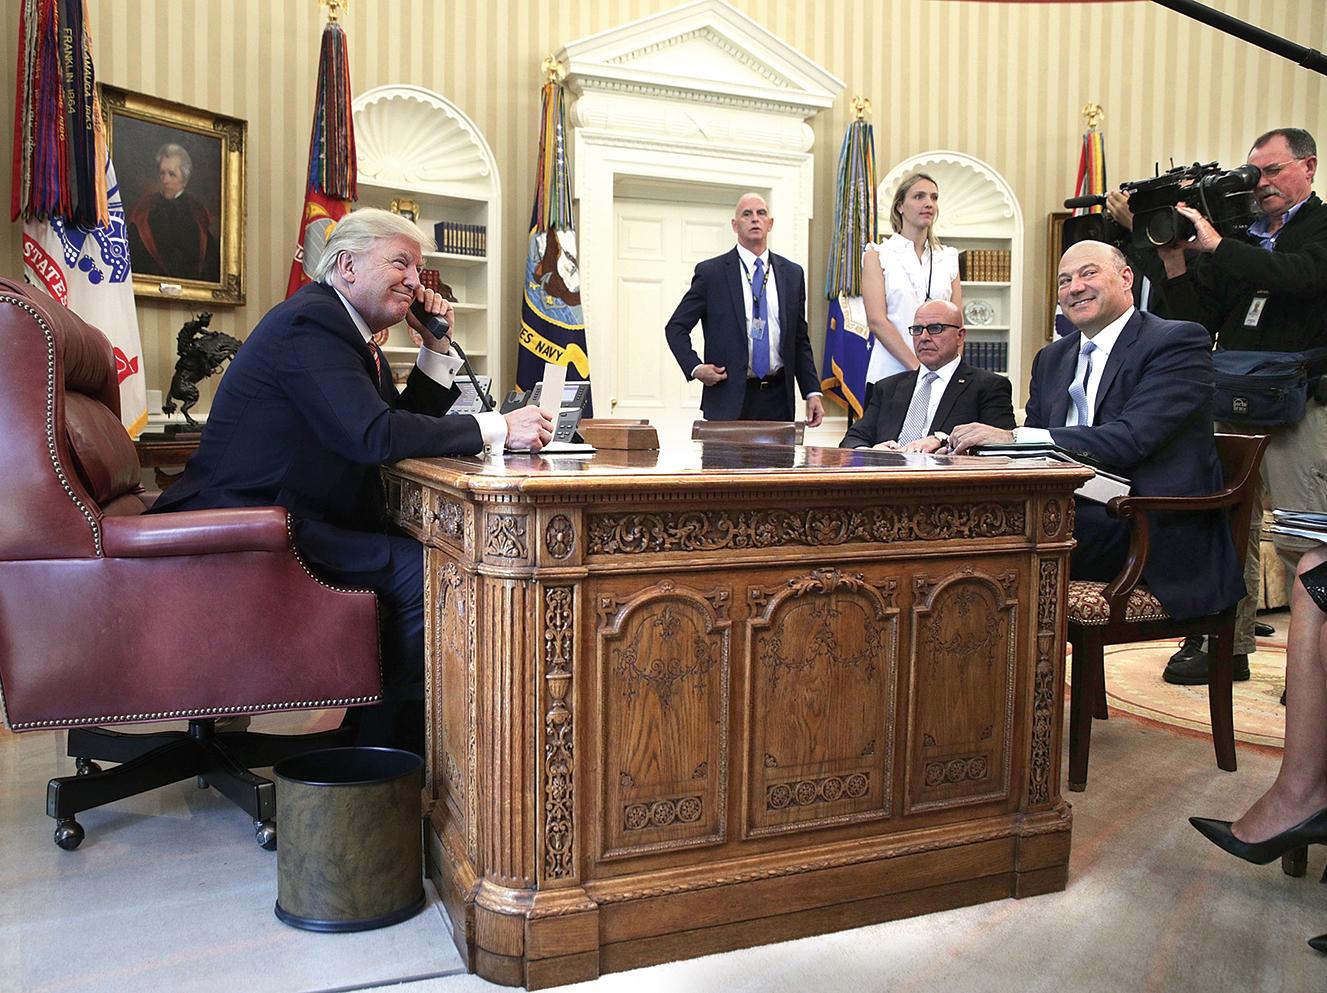 包括CNN在內的一些美國媒體,曾多次報道稱特朗普白宮團隊陷入混亂之中,不過目前為止,特朗普的行政團隊看起來運作良好。圖為特朗普27日在橢圓形辦公室和外國領袖通話。(Getty Images)